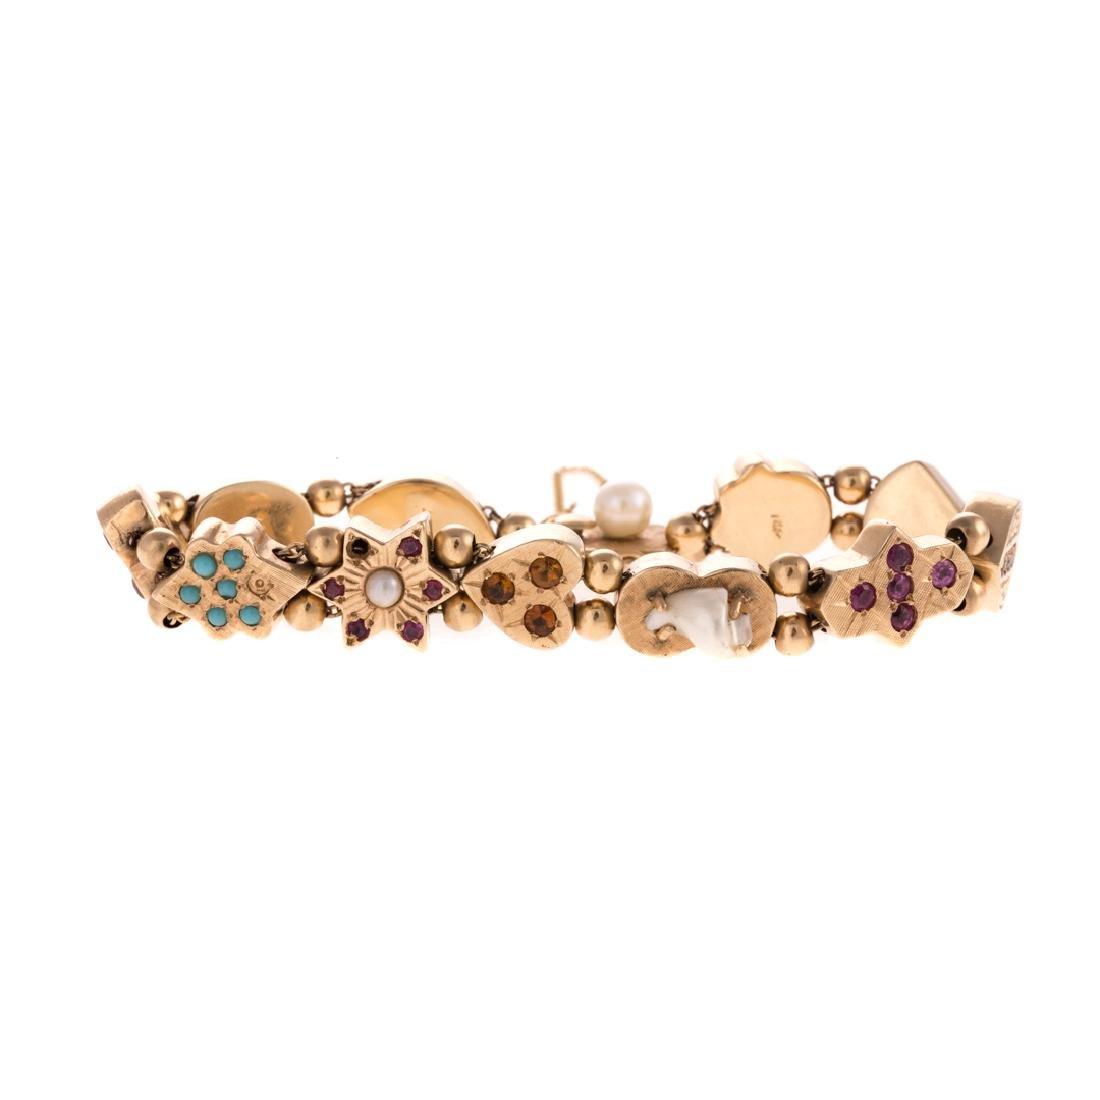 A Lady's Gemstone Victorian Slide Bracelet in 14K